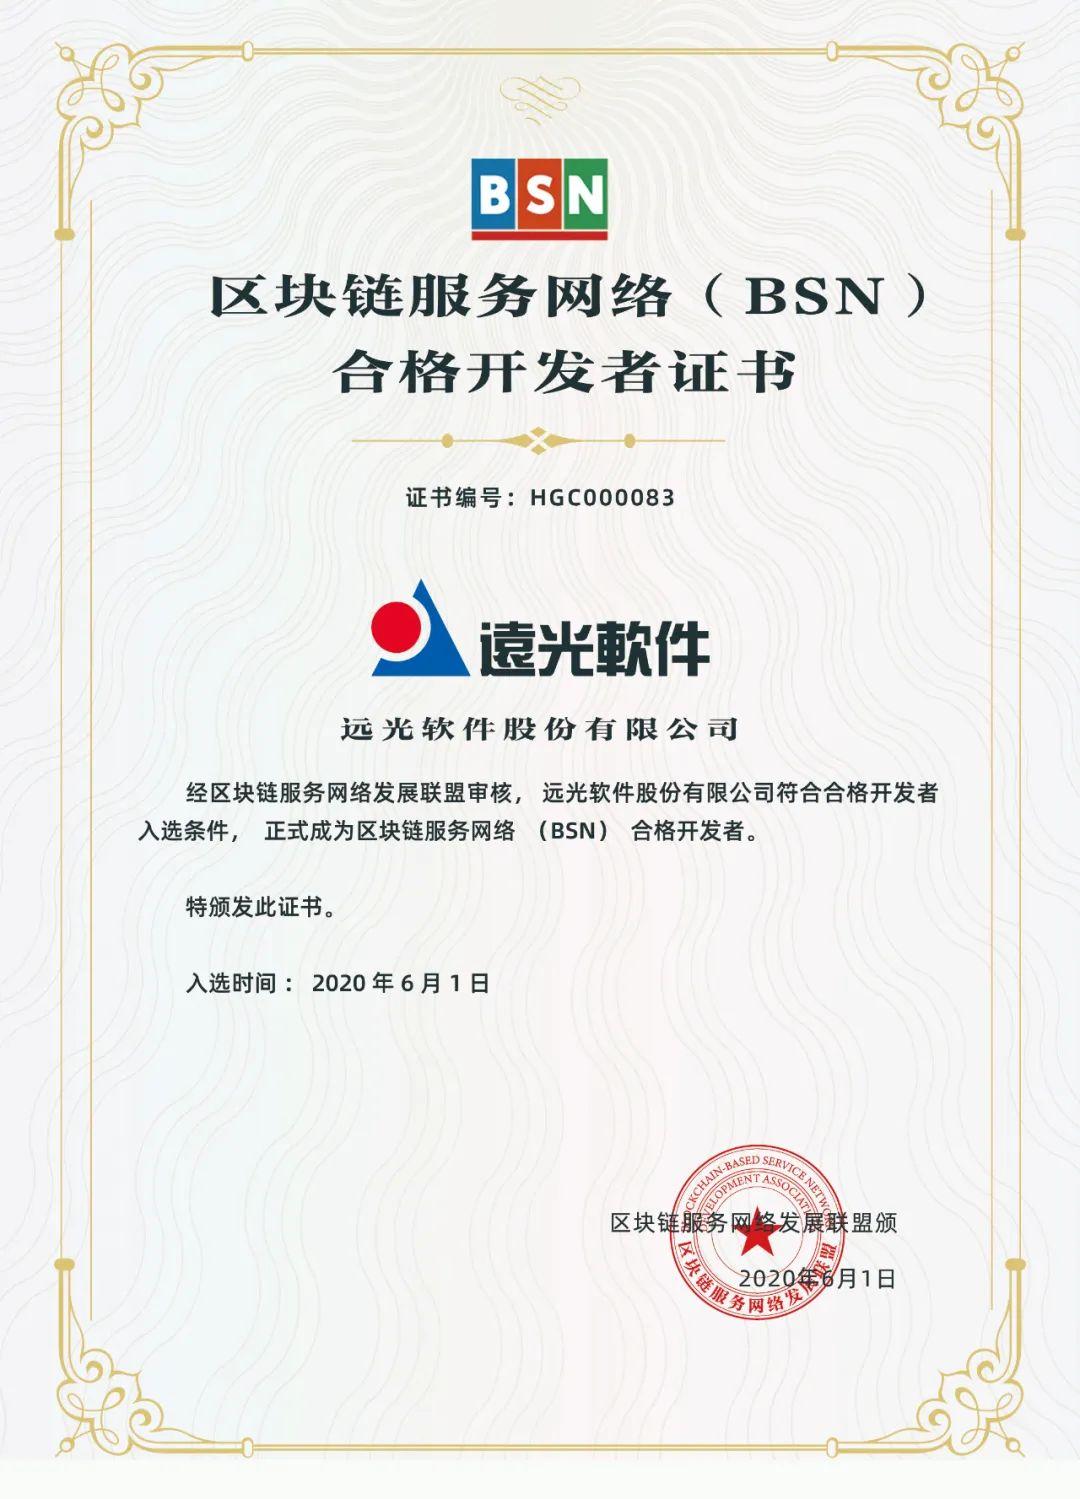 远光软件获国家级联盟链BSN合格开发者证书